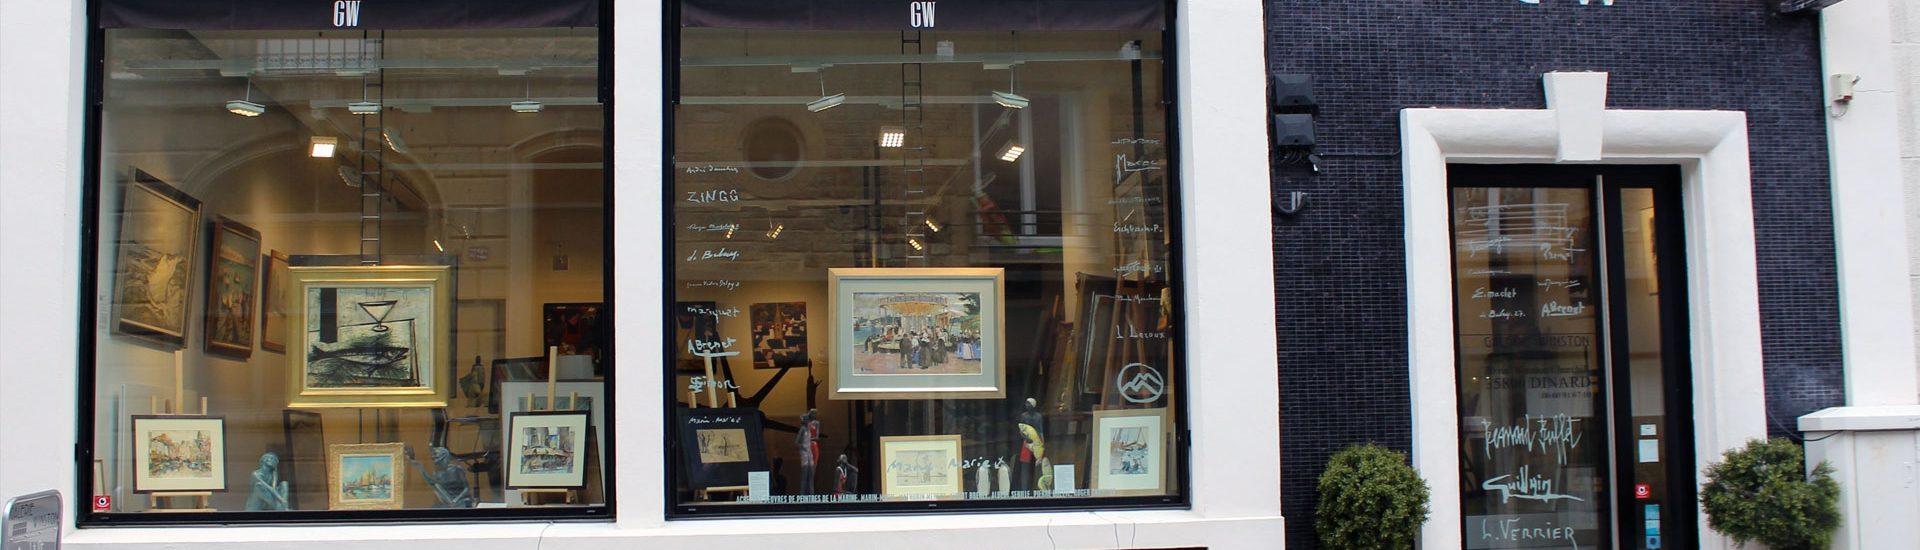 Galerie d'art à Dinard